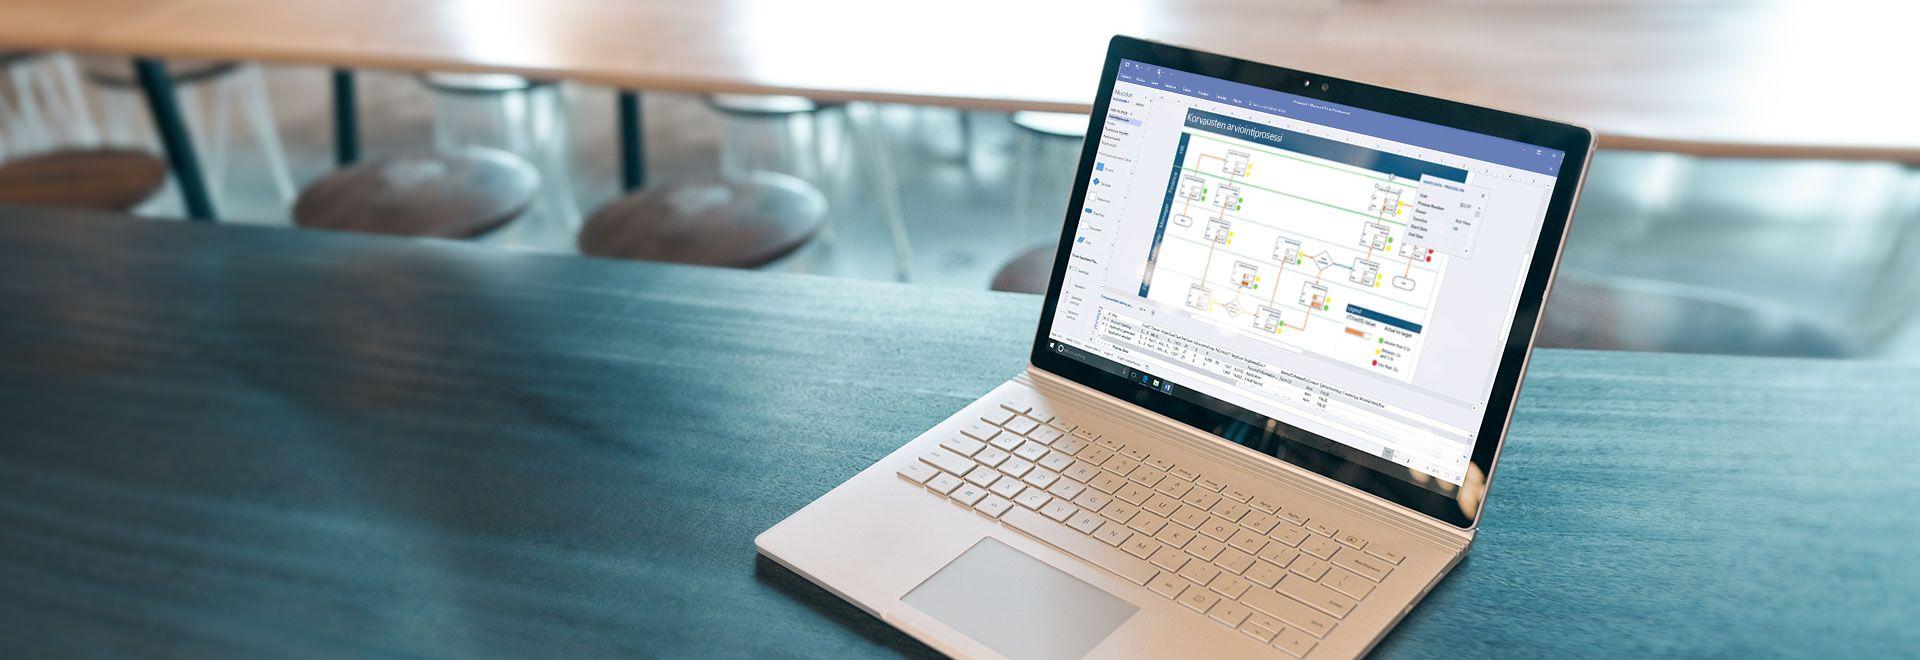 Kannettava tietokone, jossa on näkyvissä työnkulkukaavio Visio Pro for Office 365:ssä